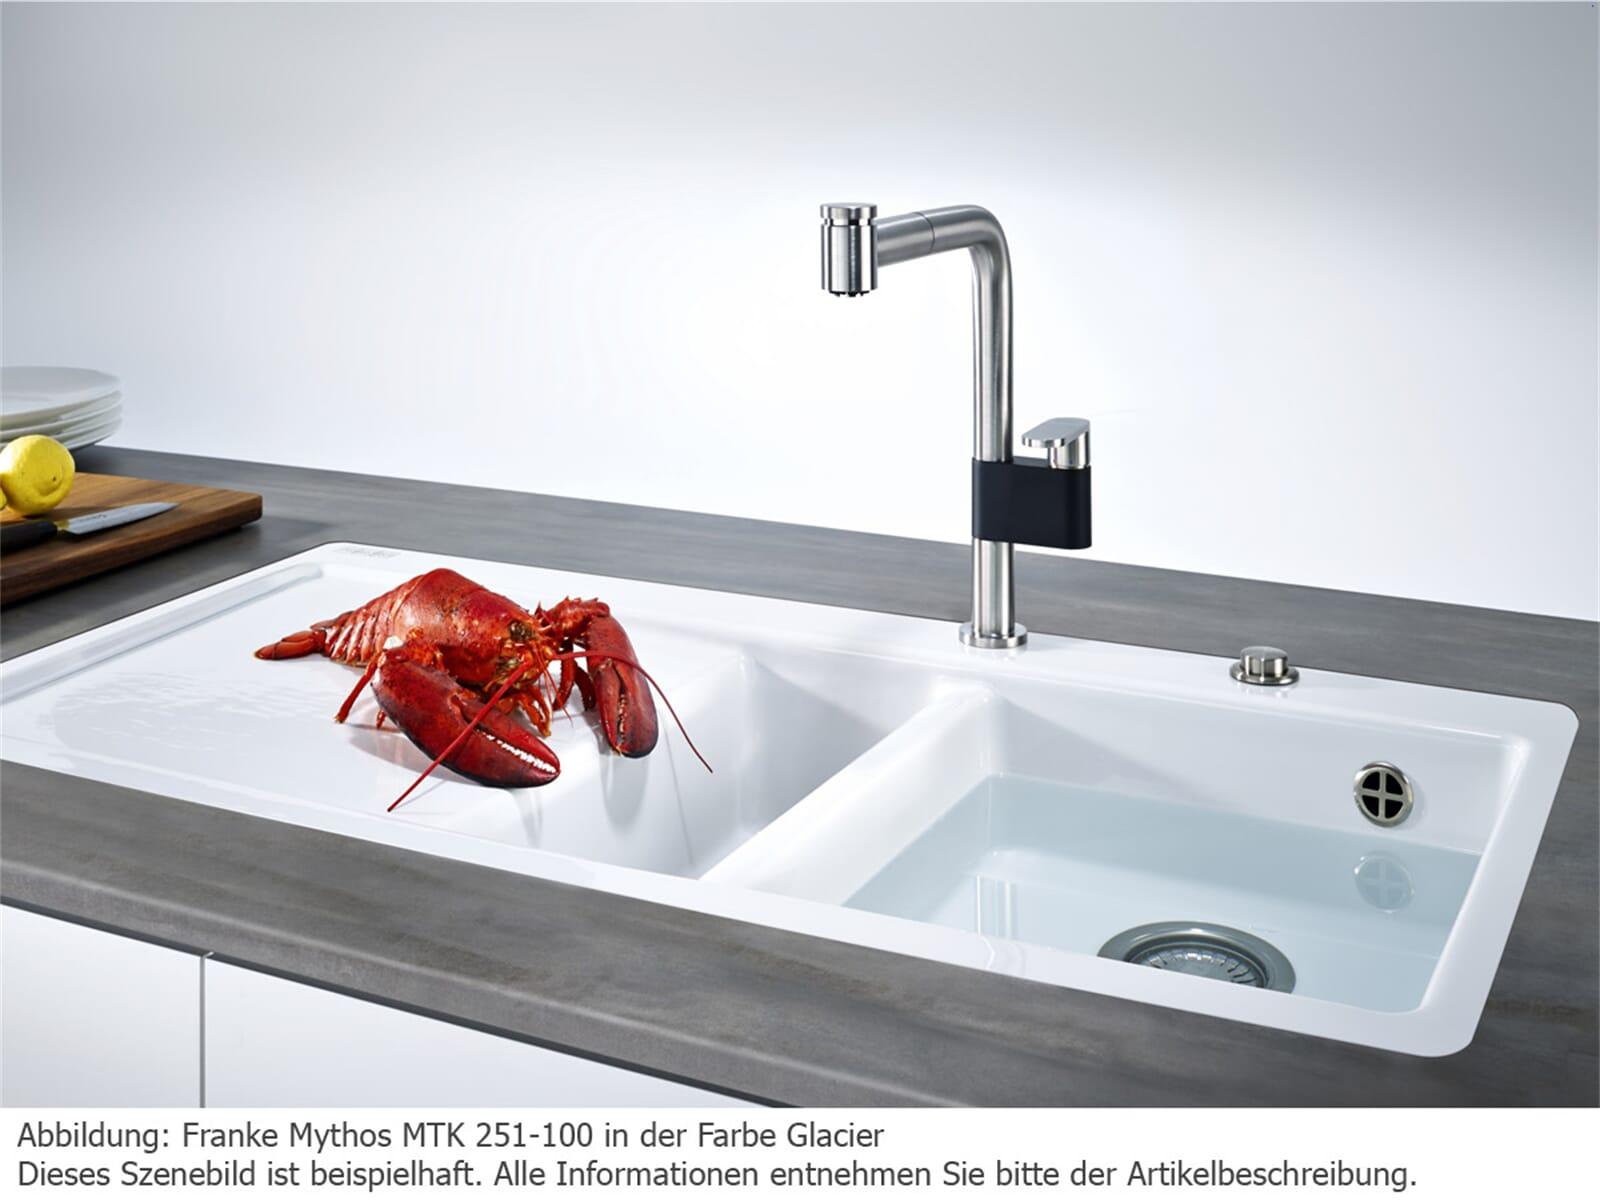 Franke Mythos MTK 251-100 Glacier - 129.0382.455 Keramikspüle